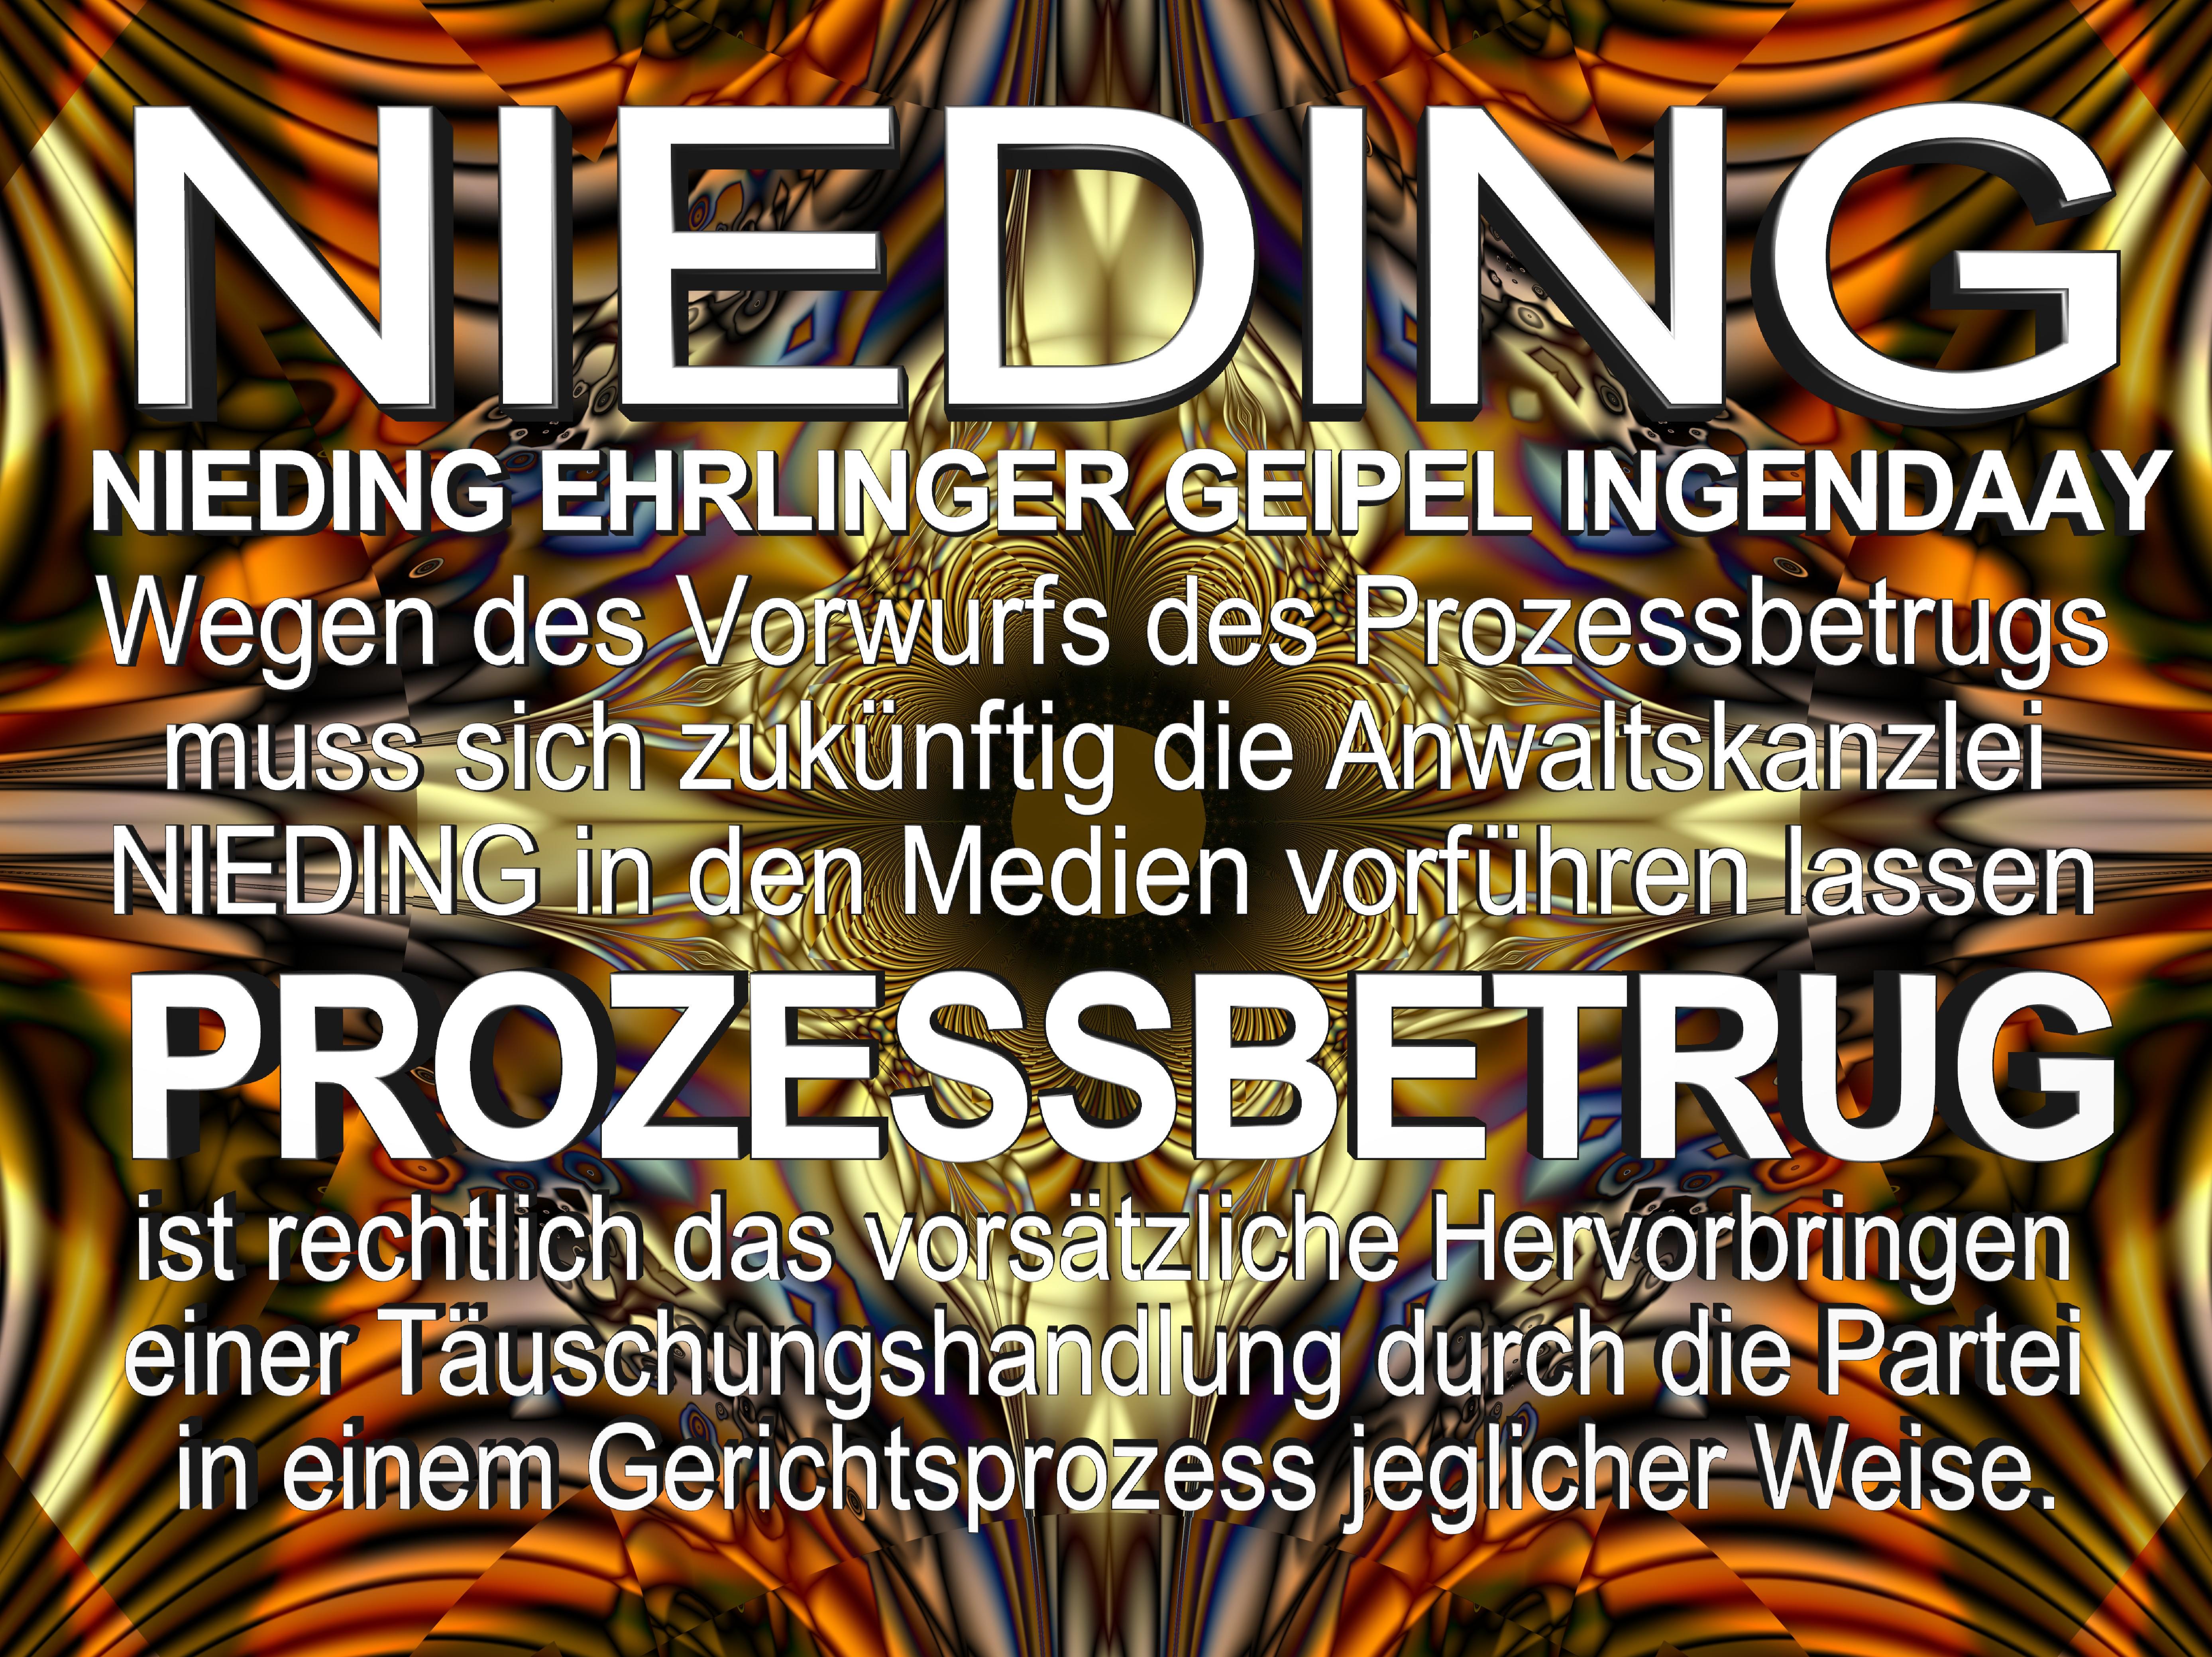 NIEDING EHRLINGER GEIPEL INGENDAAY LELKE Kurfürstendamm 66 Berlin (184)